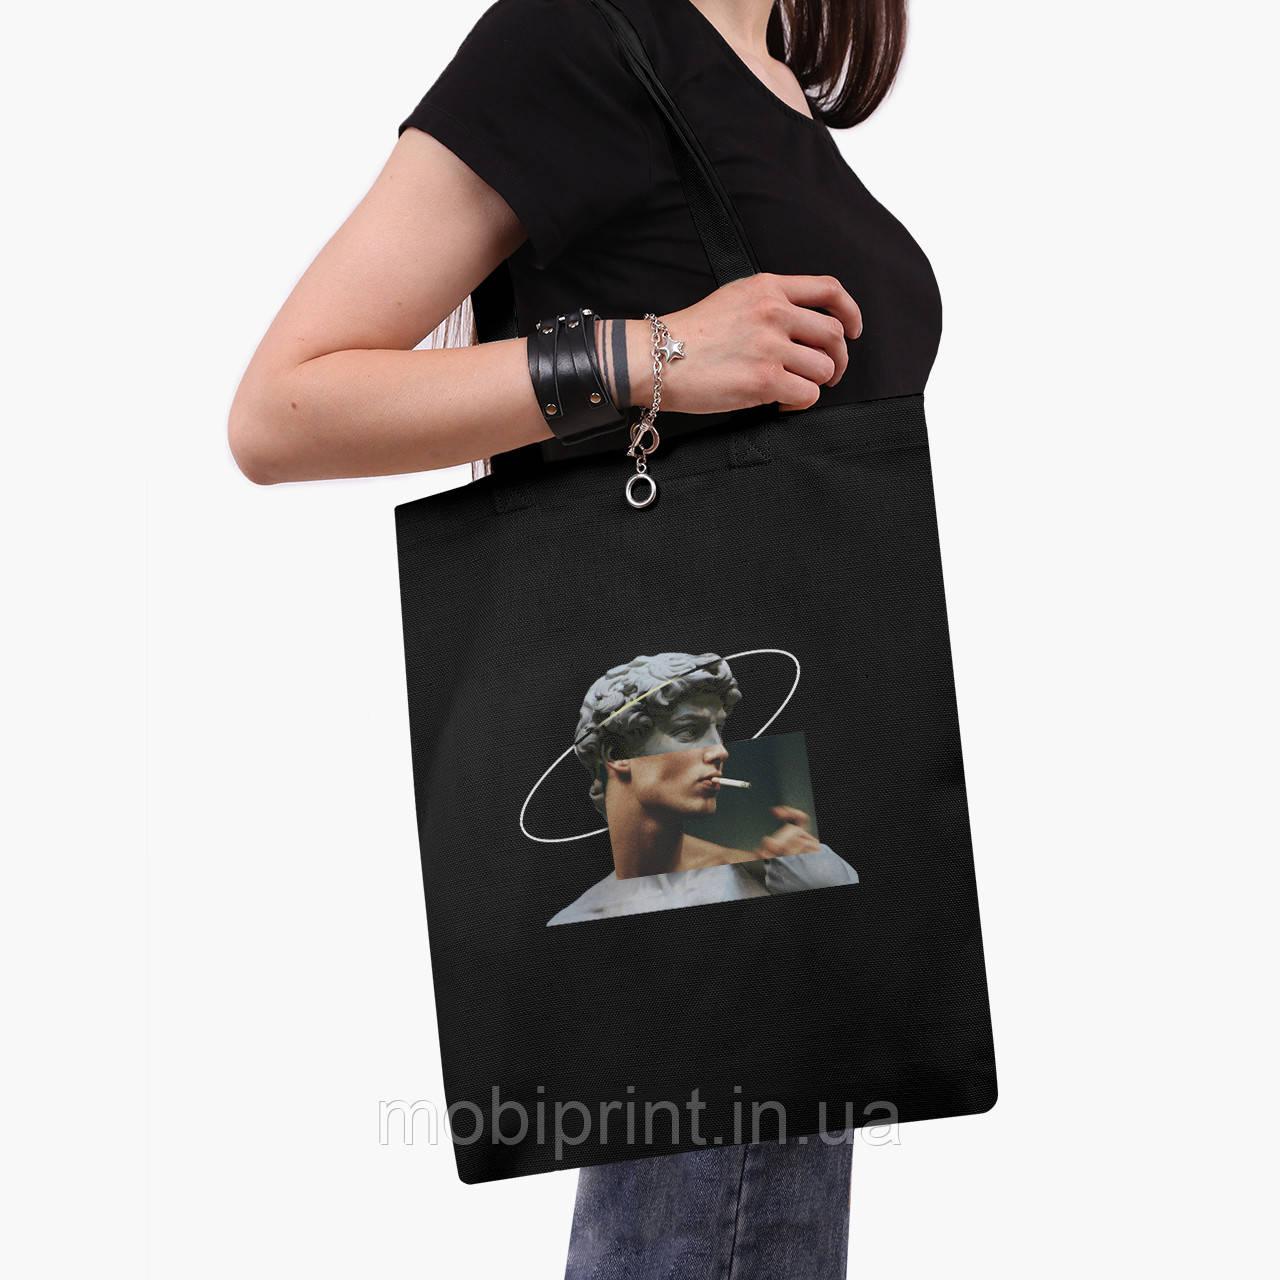 Еко сумка шоппер з принтом Давид Мікеланджело - Ренесанс (David Michelangelo) (9227-1201) Чорний